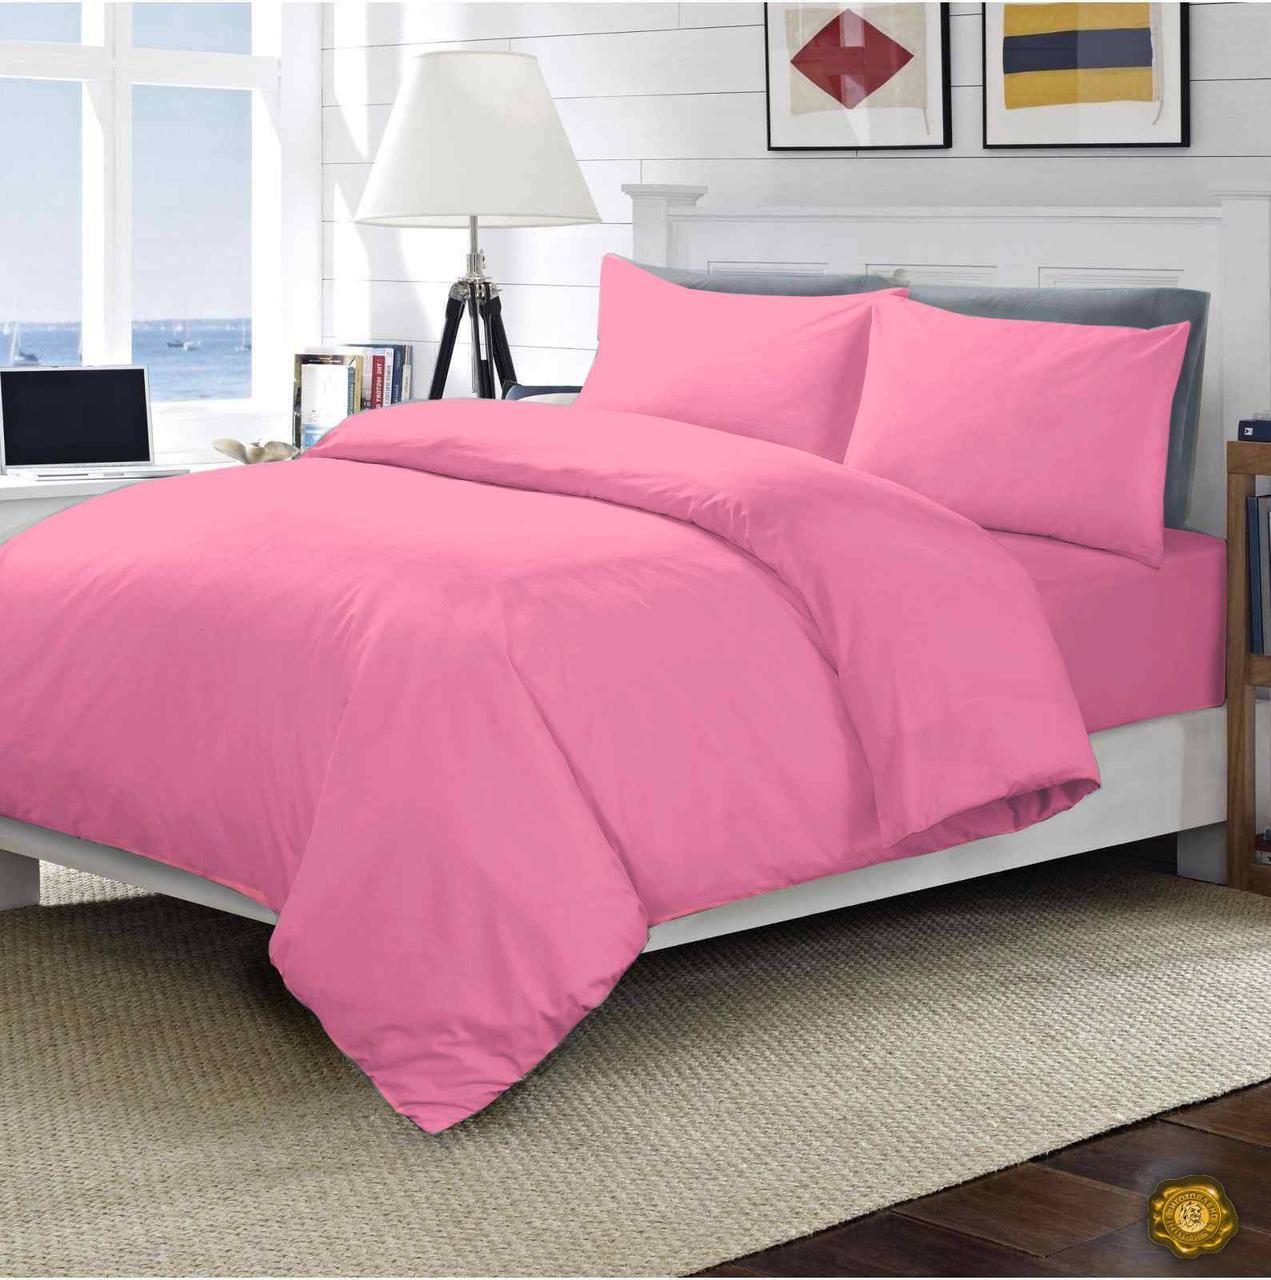 Еней-Плюс Семейный постельный комплект МІ0005 Еней-Плюс, цвет: розовый